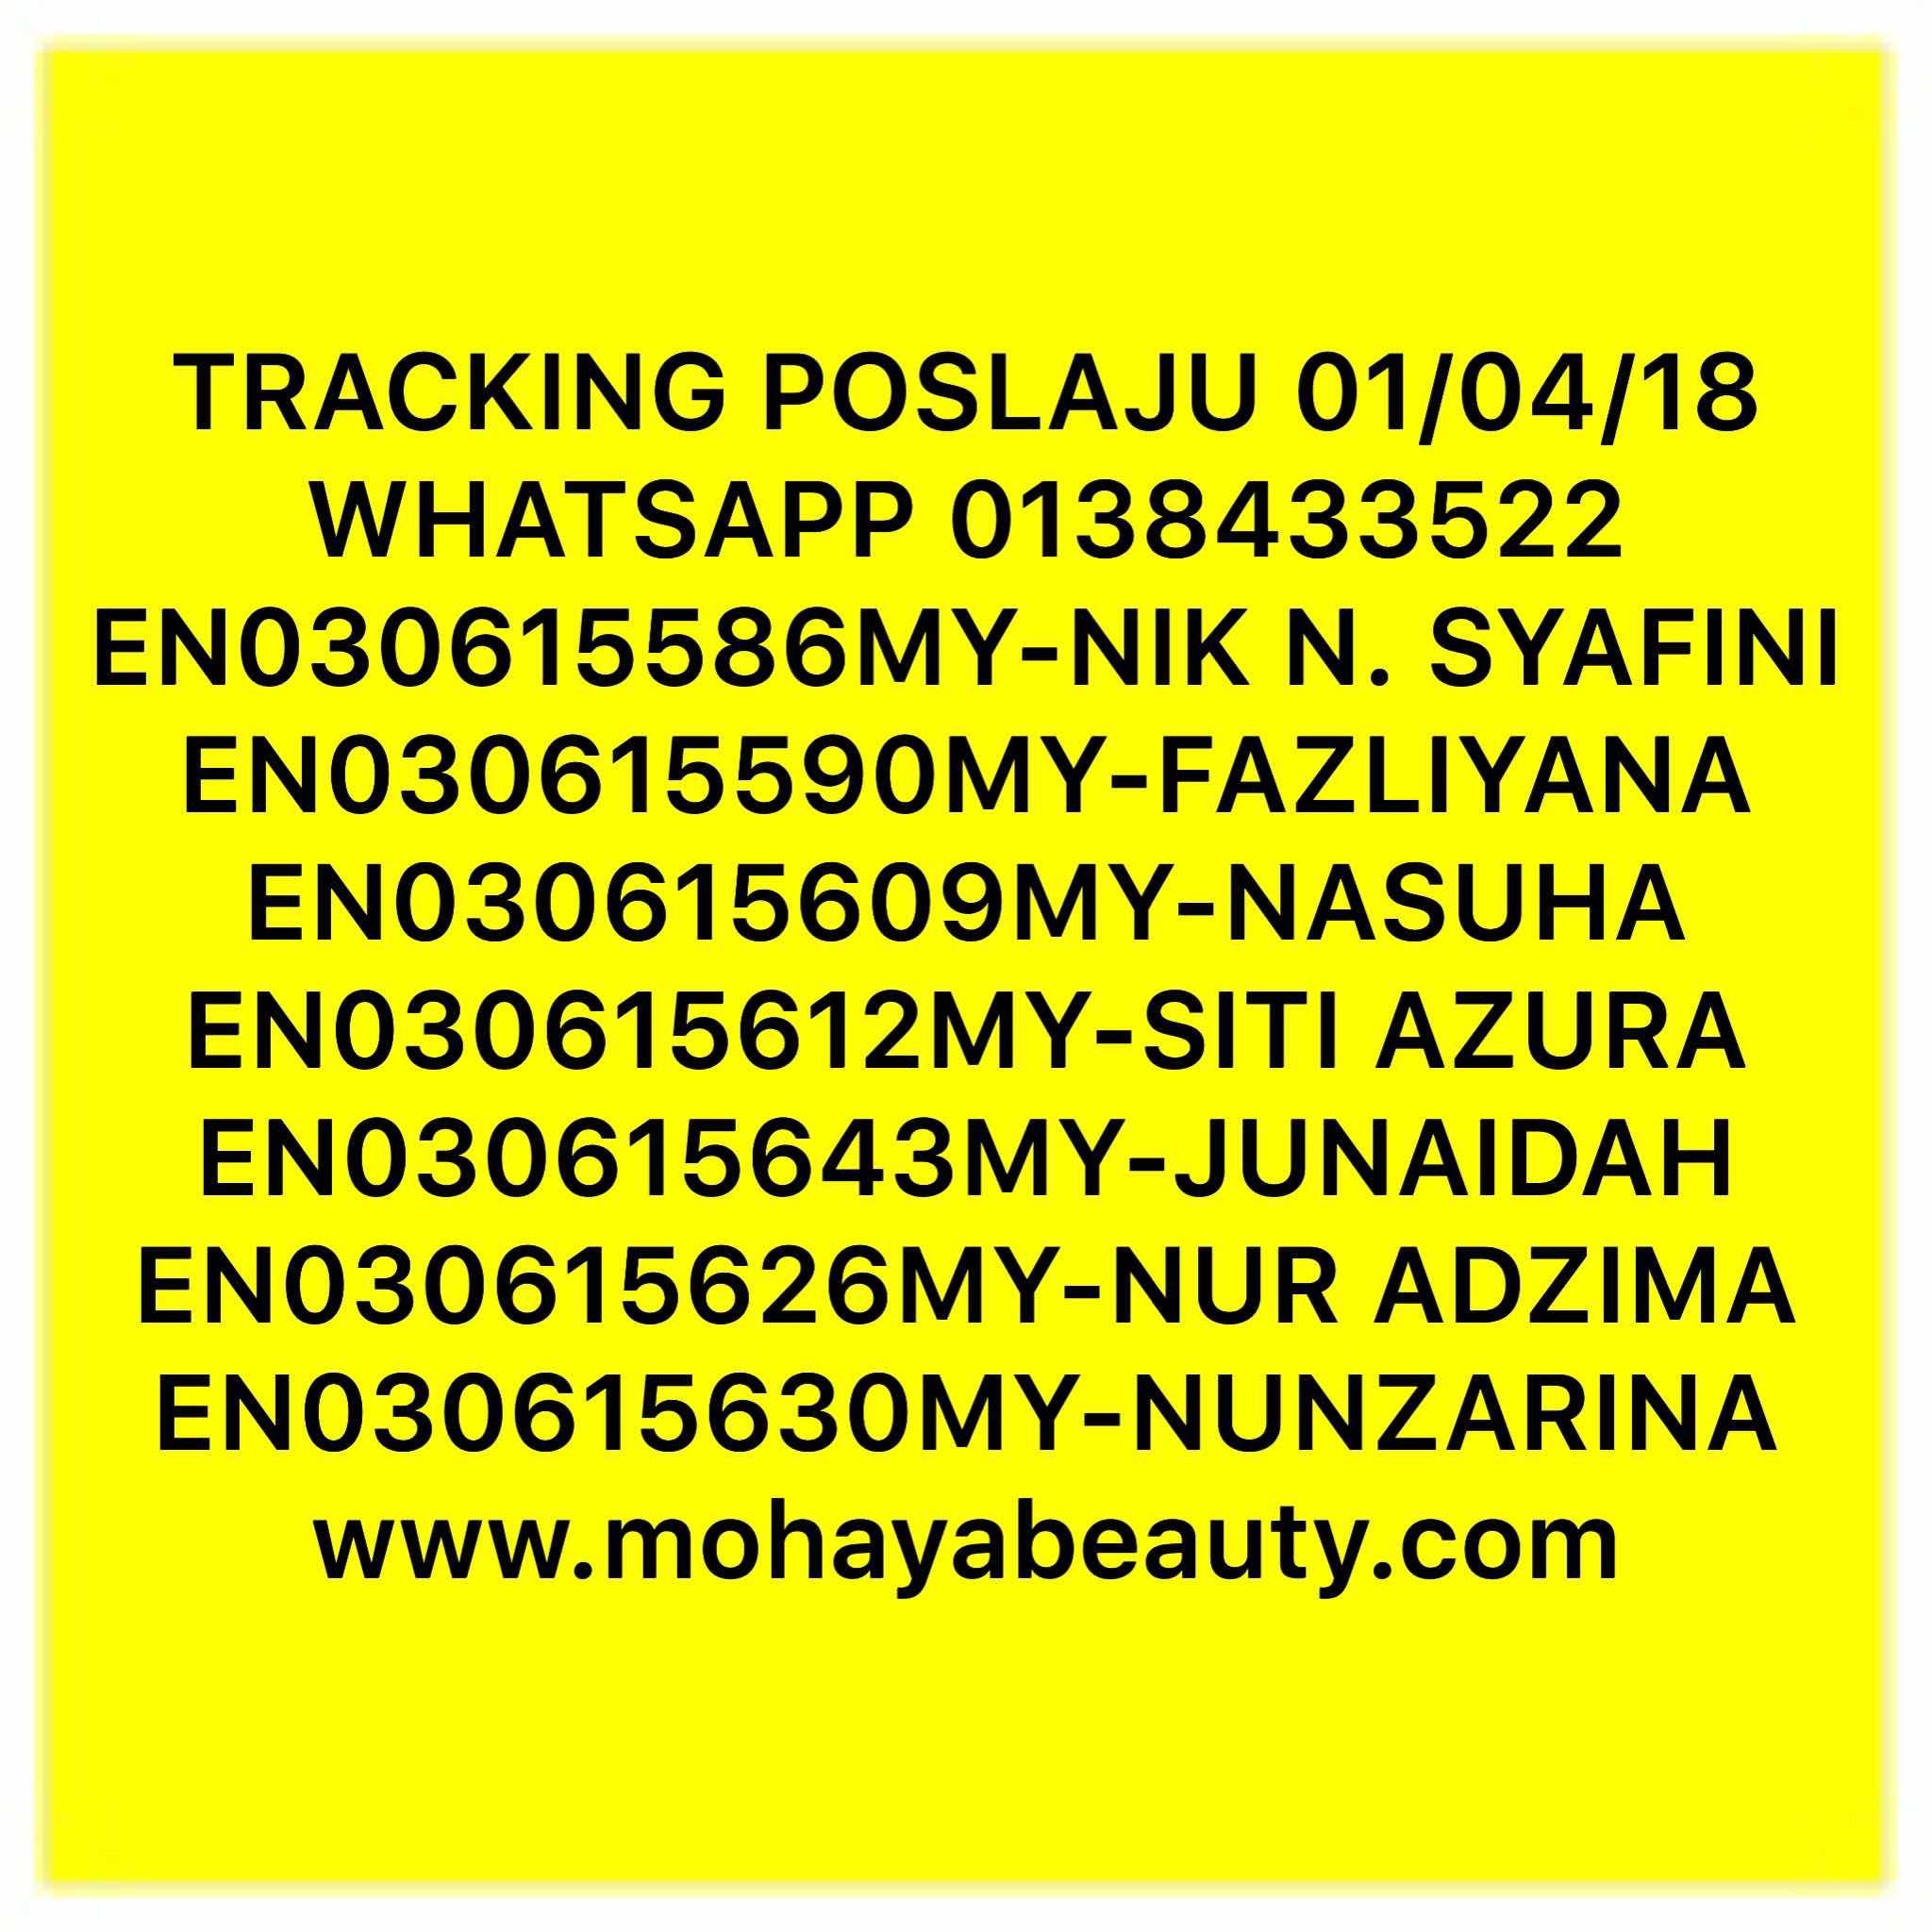 TRACKING NUMBER 01/04/18 ( AHAD )  TERIMA KASIH SEMUA..SIAP YANG NAK JADI AGEN BOLEH CEPAT2 SEBELUM SLOT DAH PENUH.. SILA KLIK LINK UNTUK MEMBUAT SEMAKAN STATUS PARCEL ANDA. Https://www.tracking.my/couriers/poslaju  #poslaju #trackingposlaju #posharini #poslajumalaysia #assalamualaikum #queenfacepolishtreatment #stokisqfptmohaya